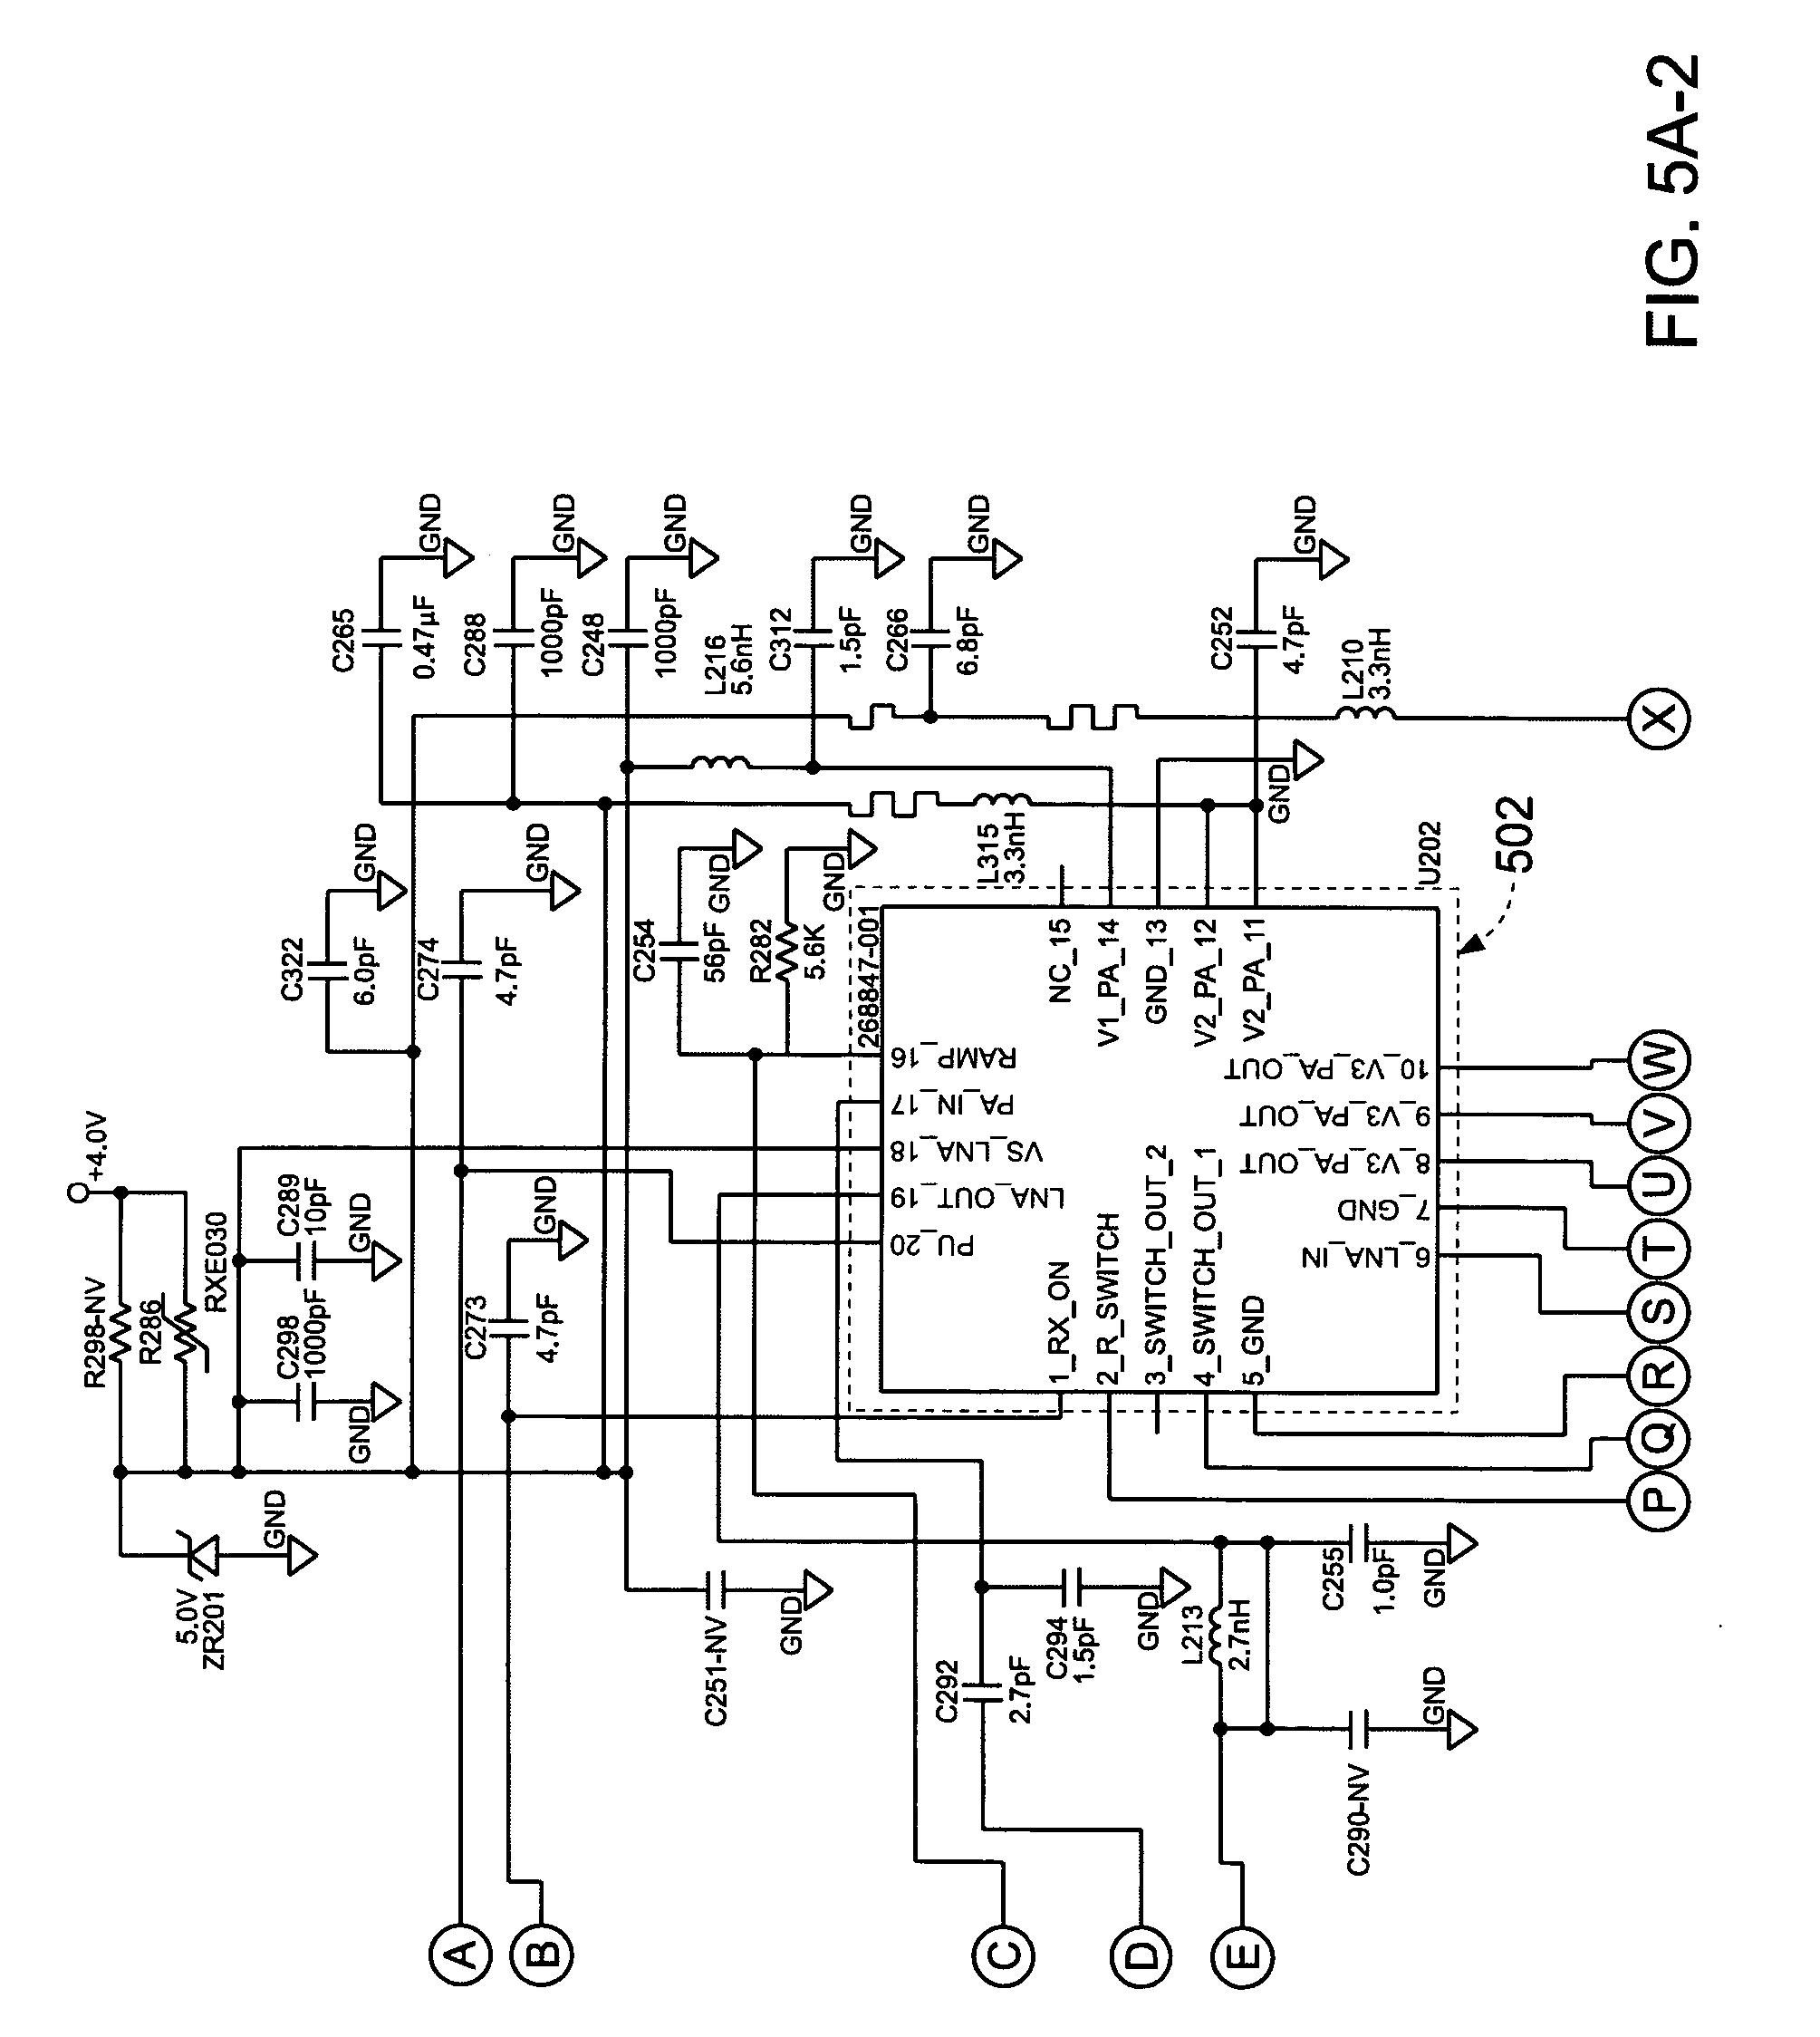 bose t20 wiring diagram